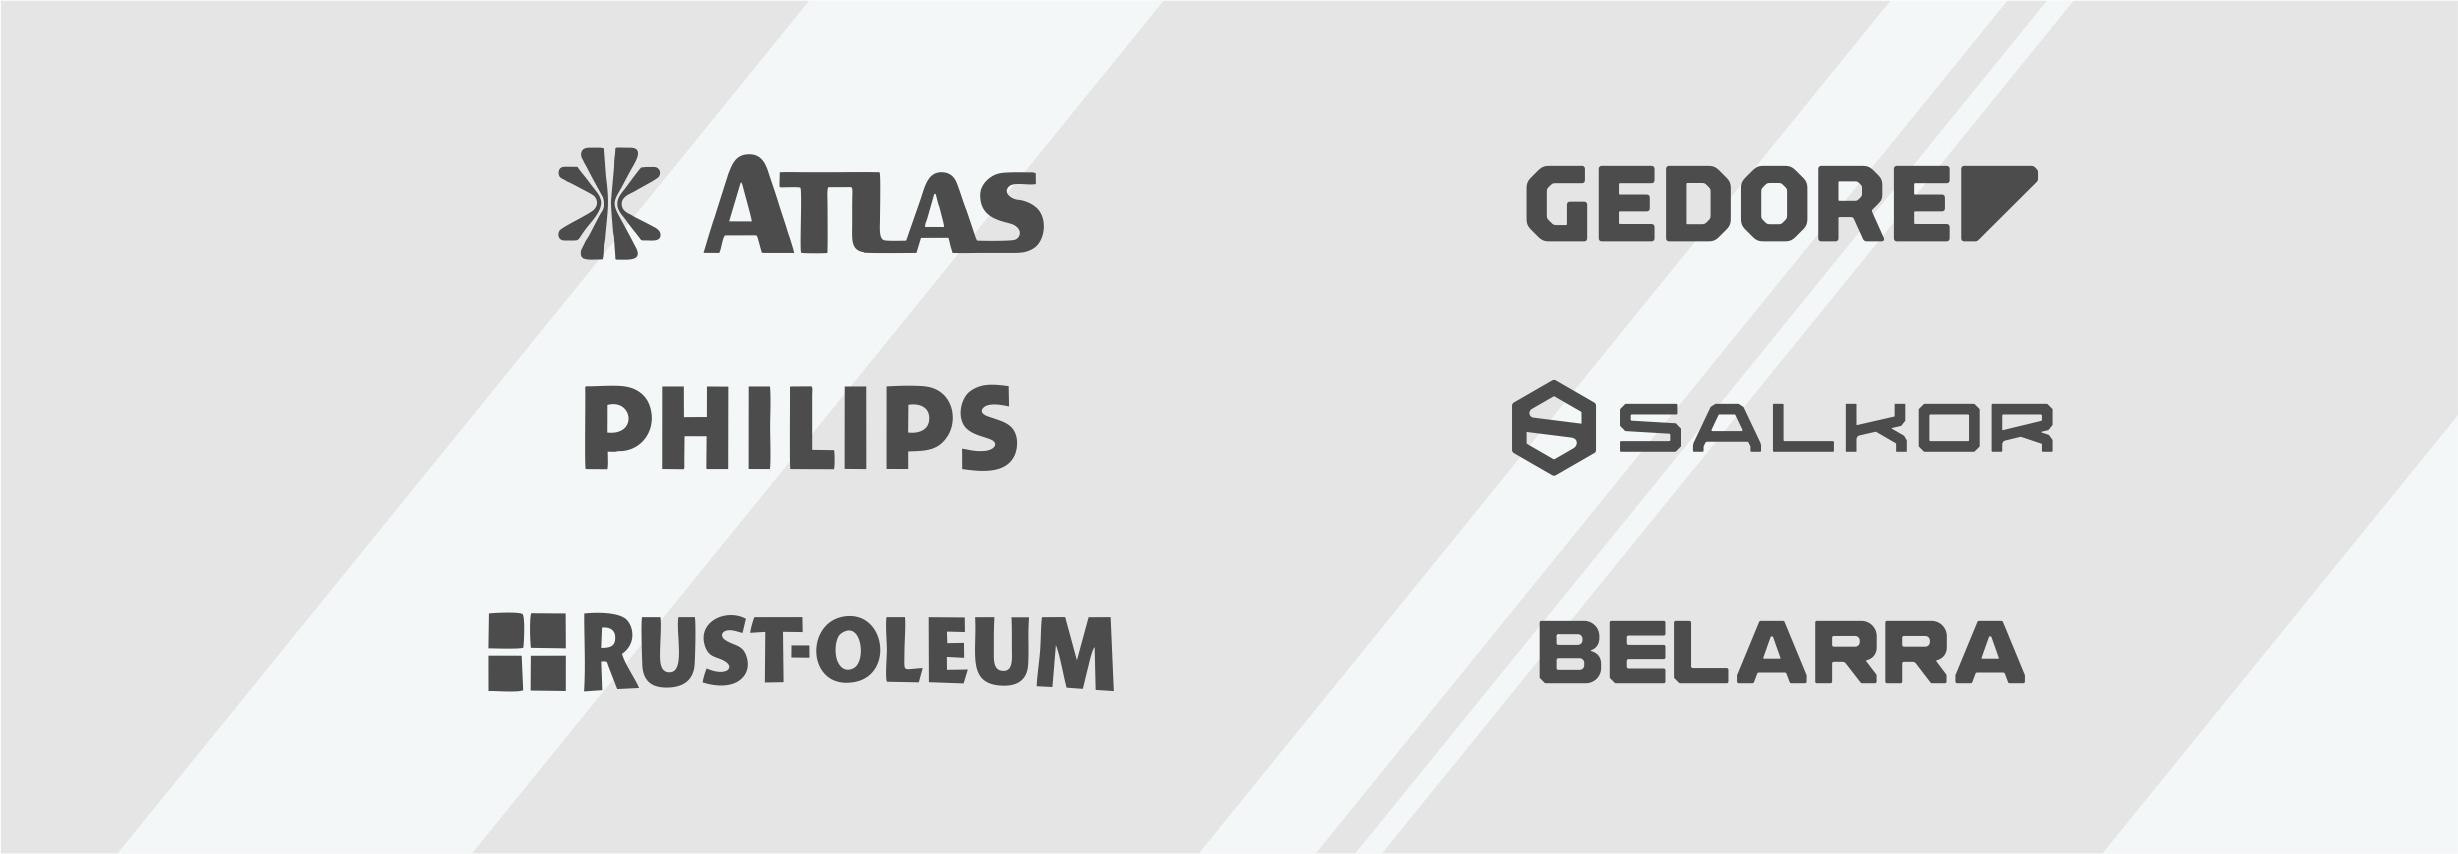 Atlas - Philips - Rust-Oleum - Gedore - Salkor - Belarra